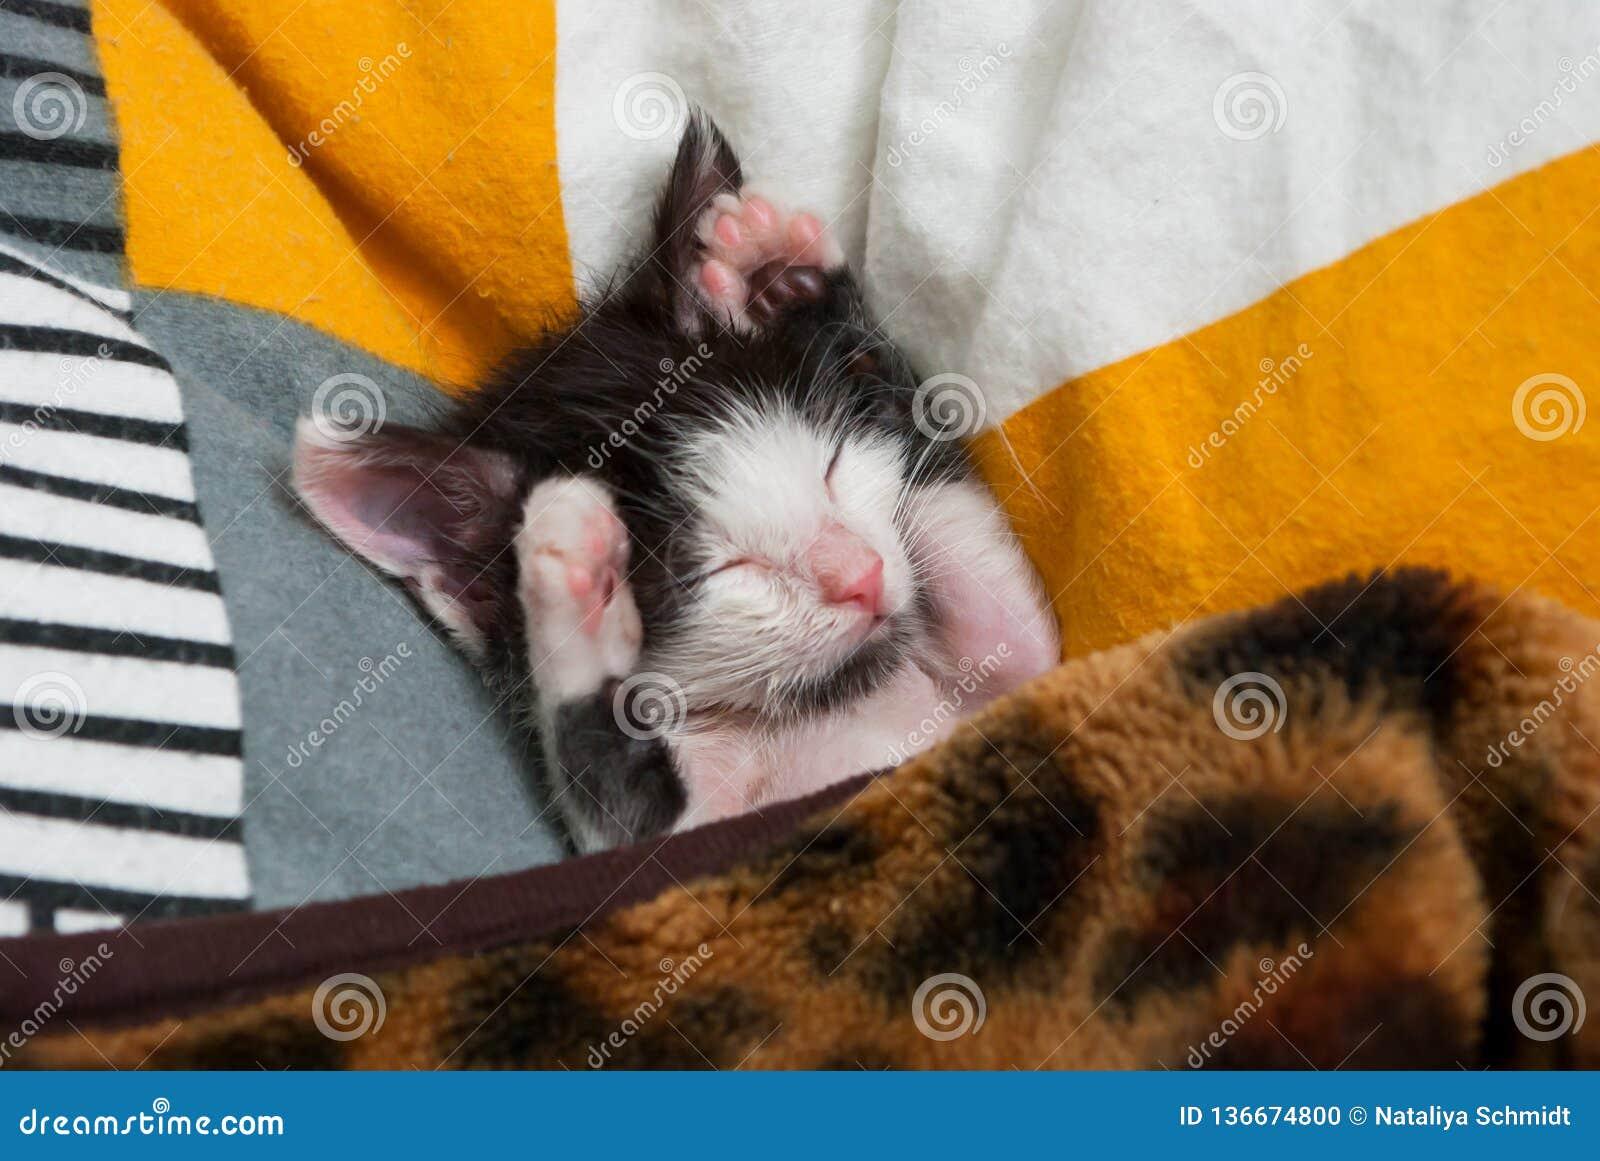 Wenig Miezekatze, die auf dem Kissen schläft